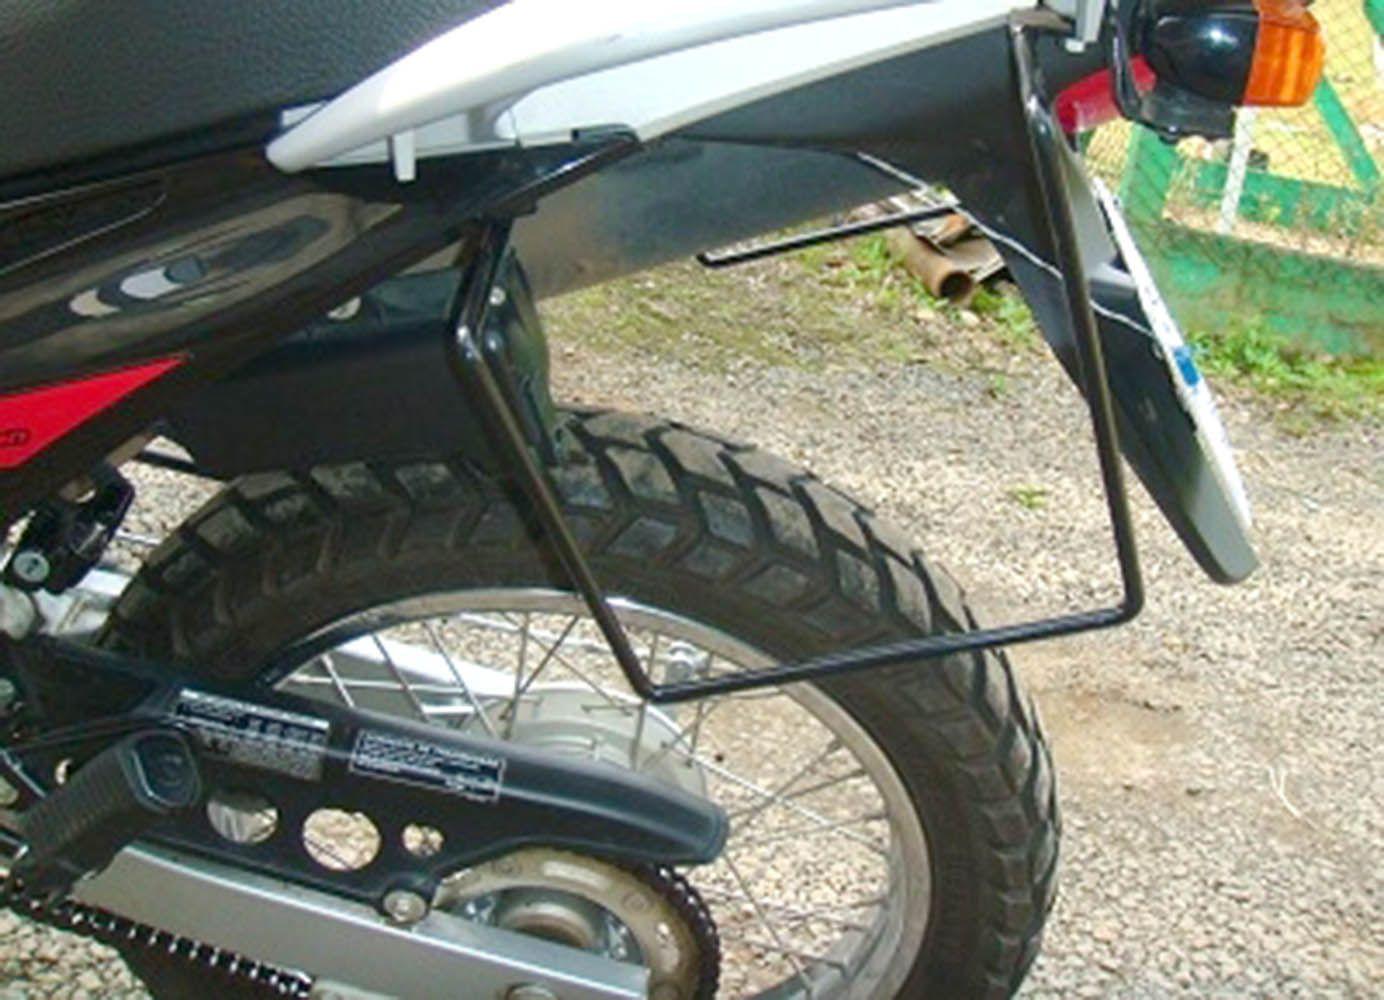 Afastador Alforge Nx 150 Bros 2010/ Chapam 7561